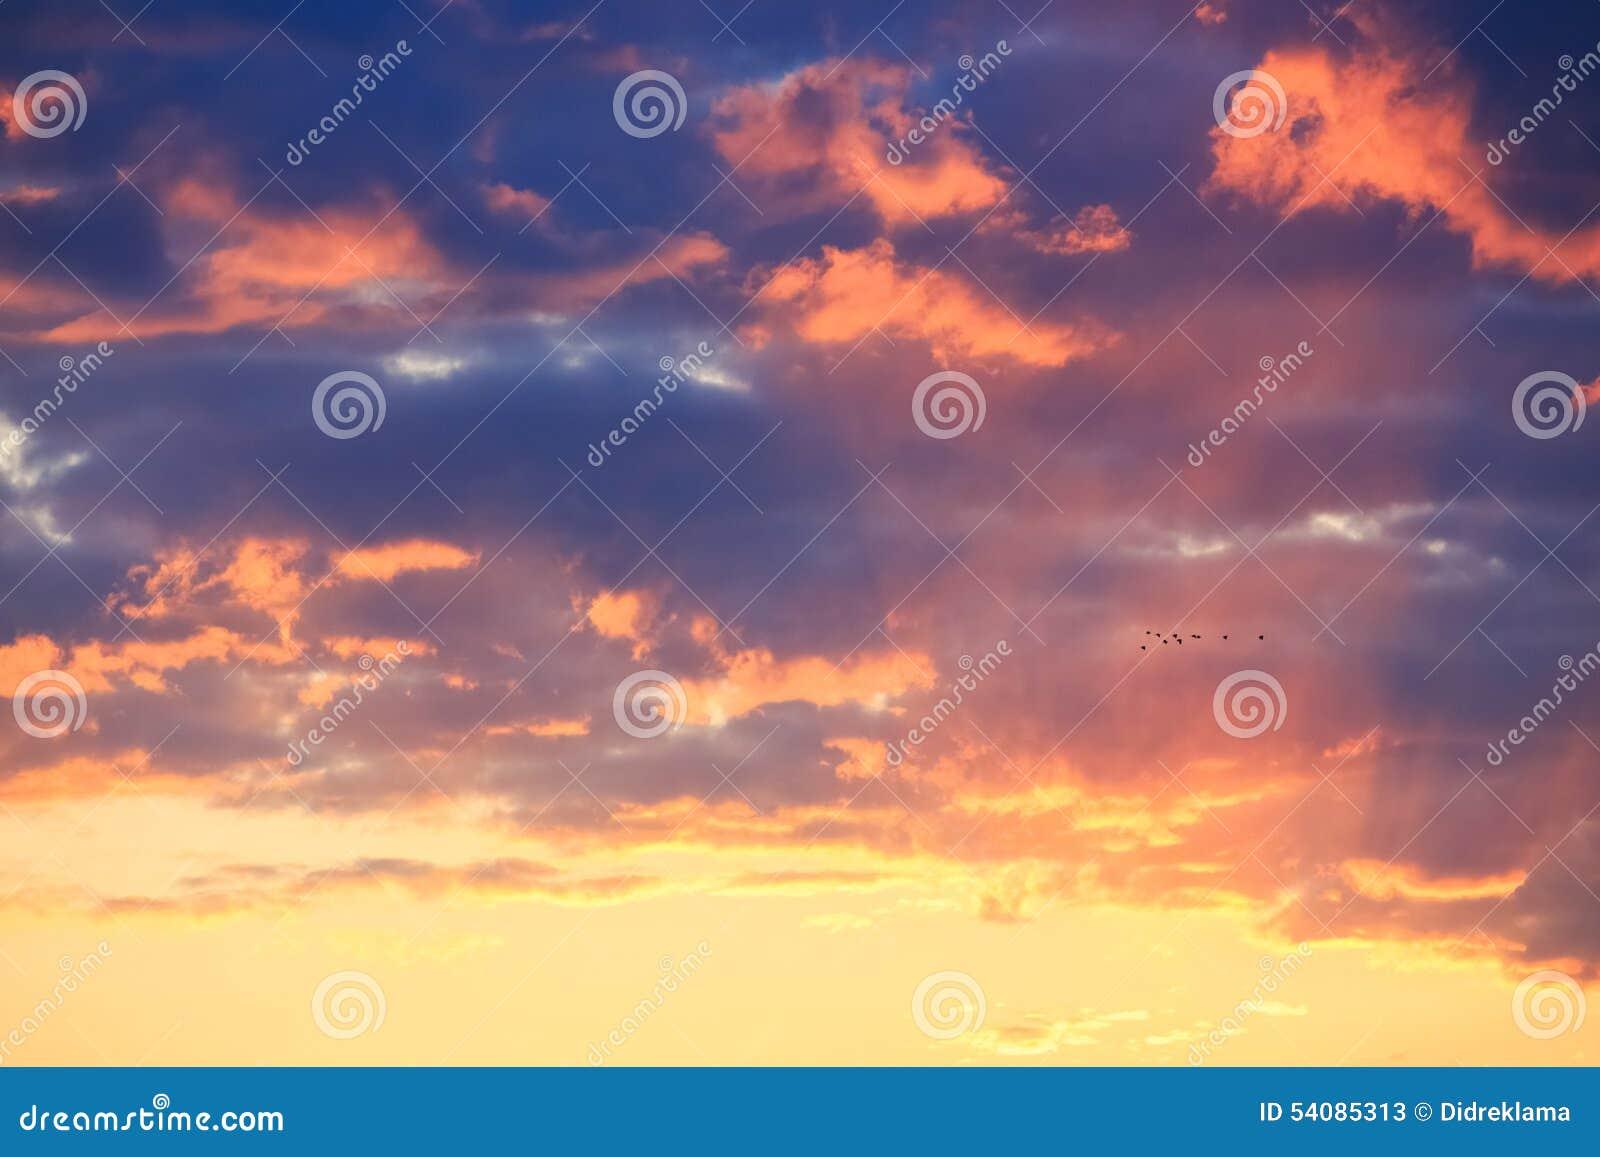 Zonsondergang achter wolken